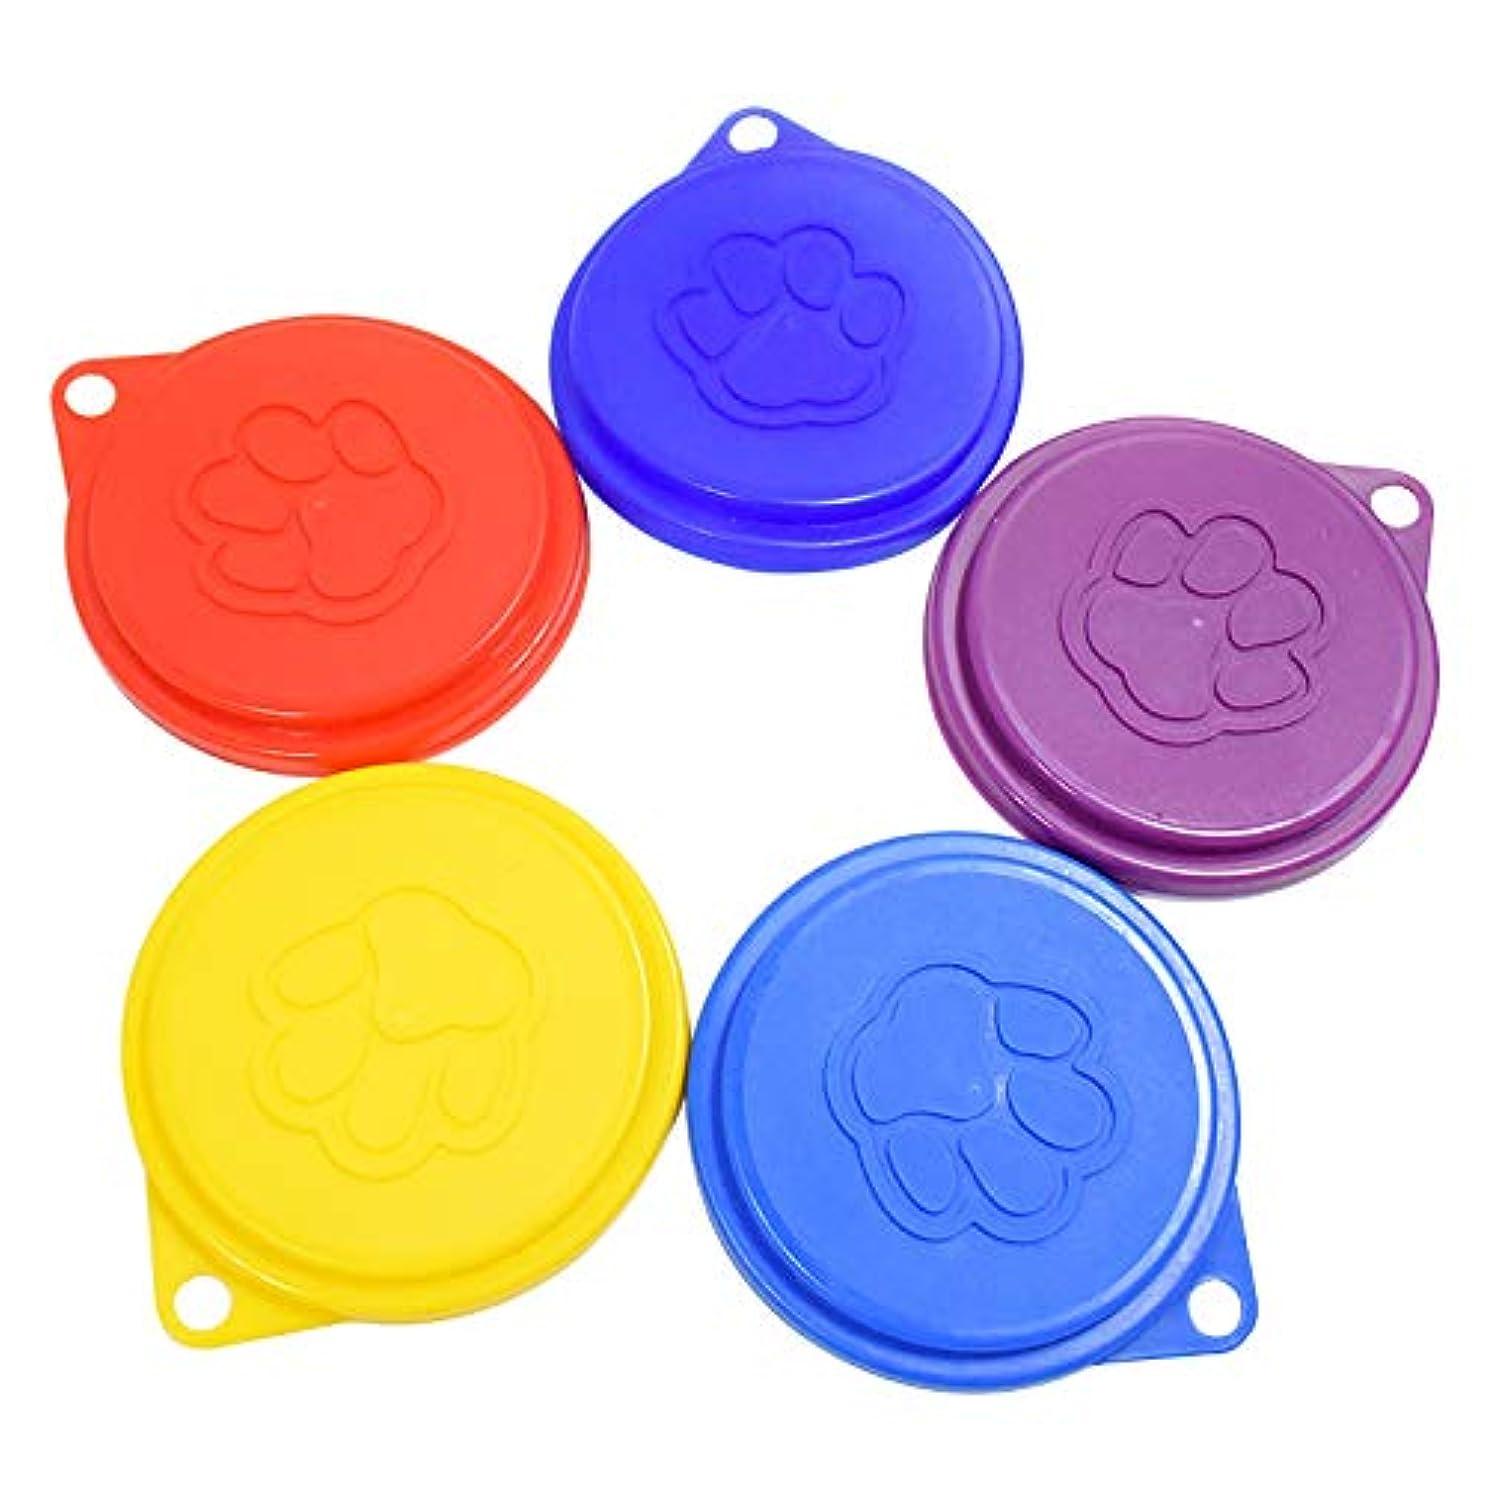 Gaoominy 2個、再利用可能なペットの犬用缶詰の錫の食品カバー、印刷あり、新鮮なペットのための缶のプラスチック製蓋、キャップ - ランダムなカラー